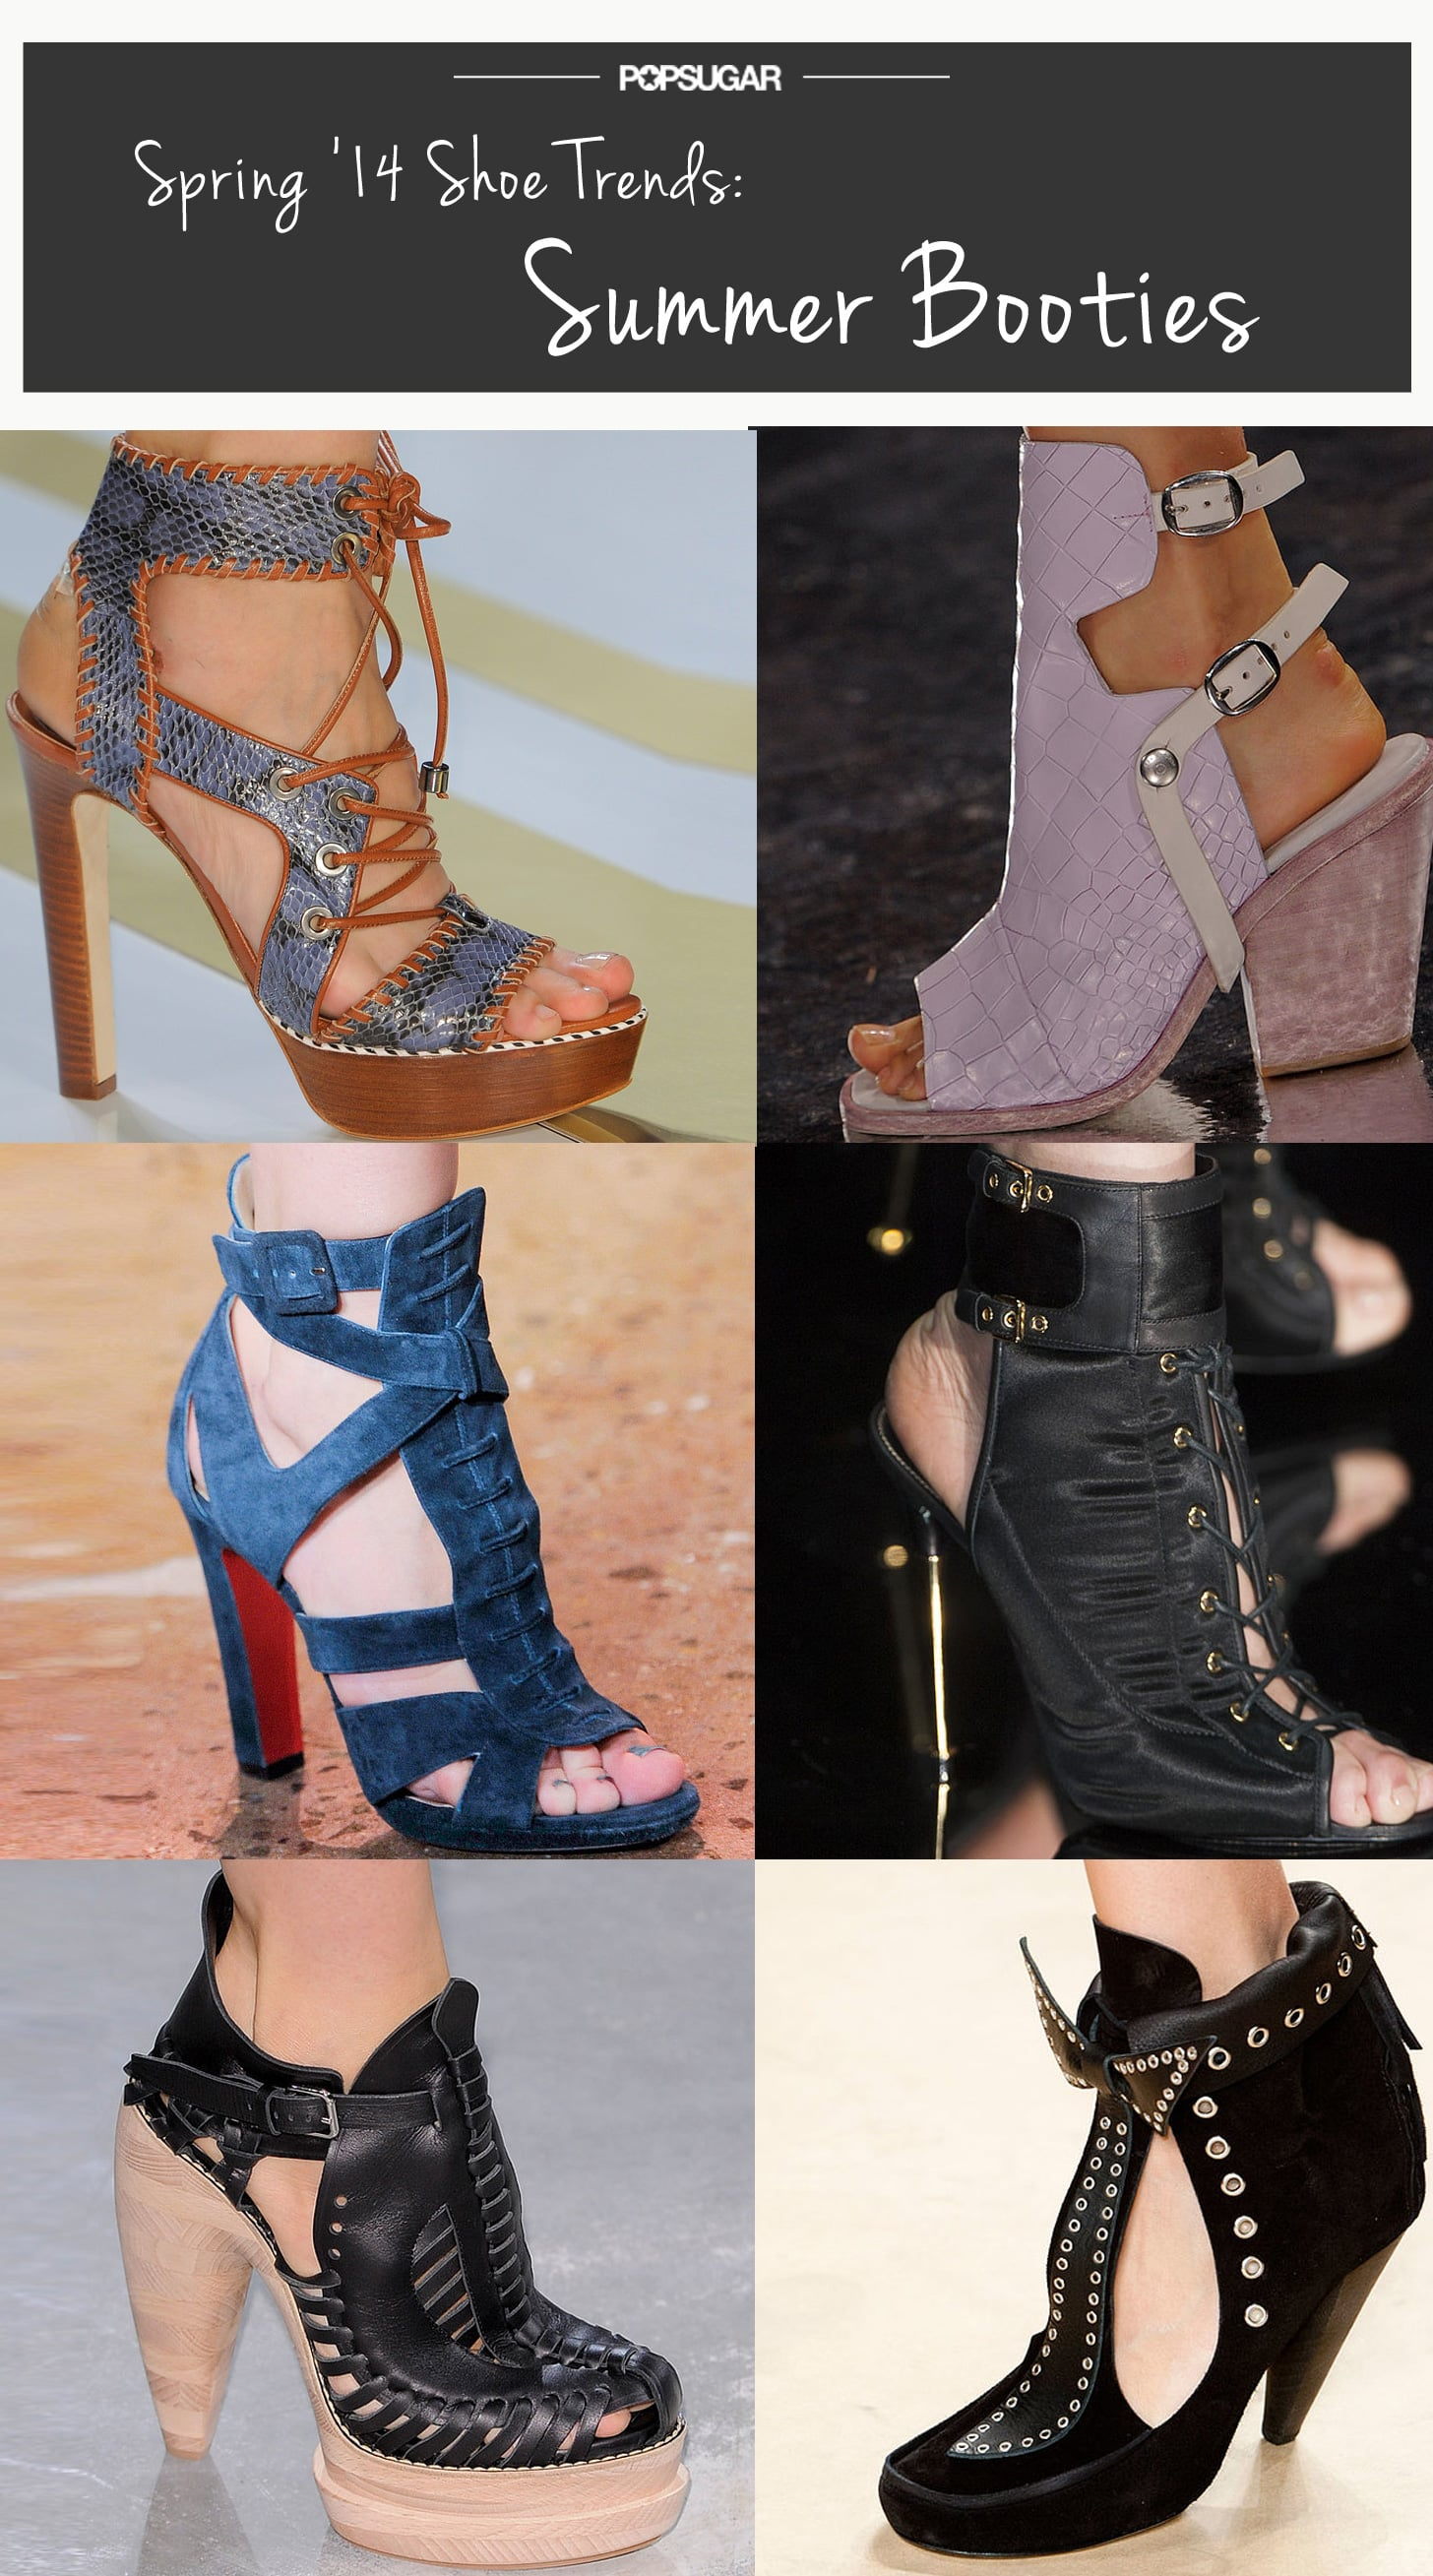 Spring Shoe Trend #3: Summer Booties